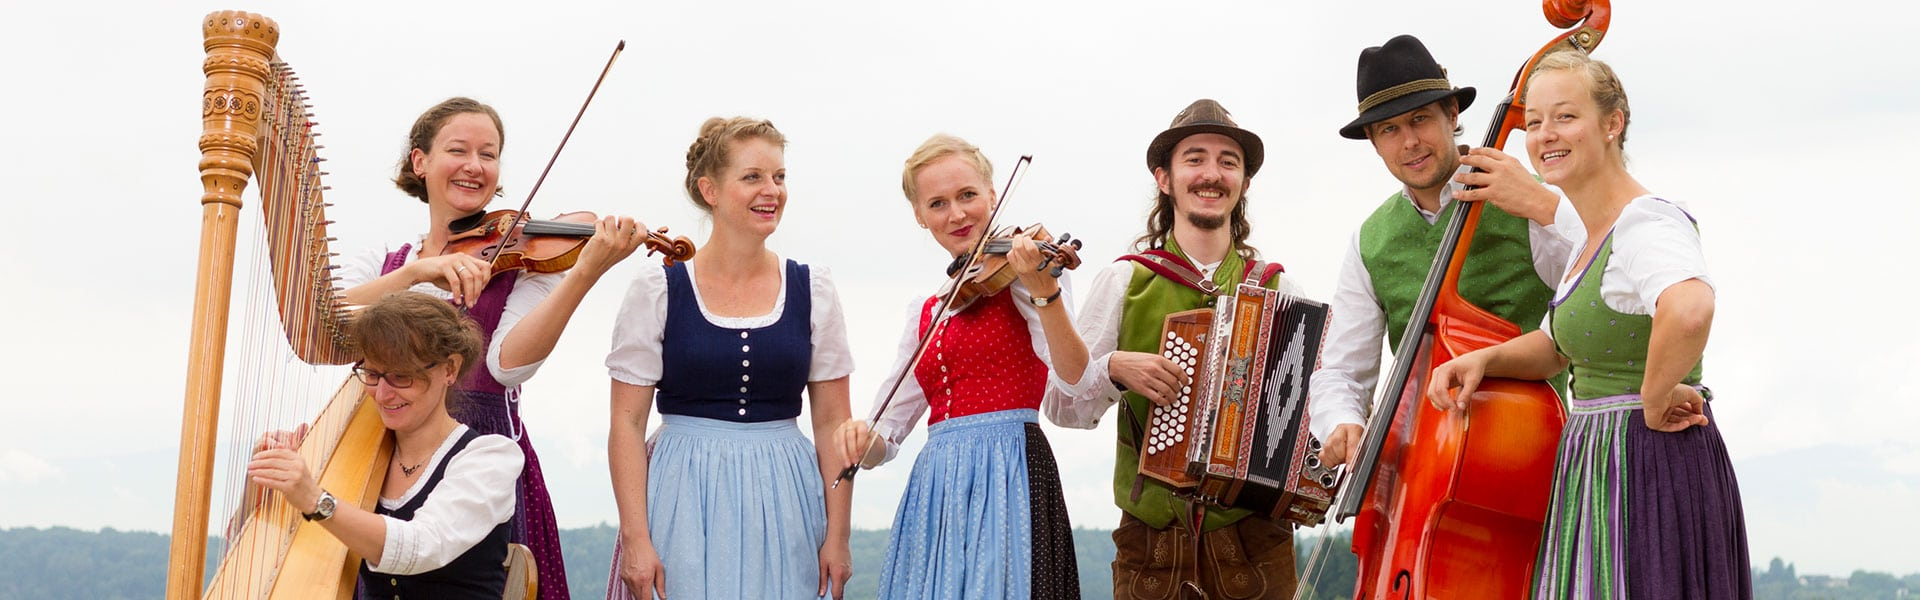 Kobenzer Streich - Alpenländische Volksmusik mit Geigen und Gesang